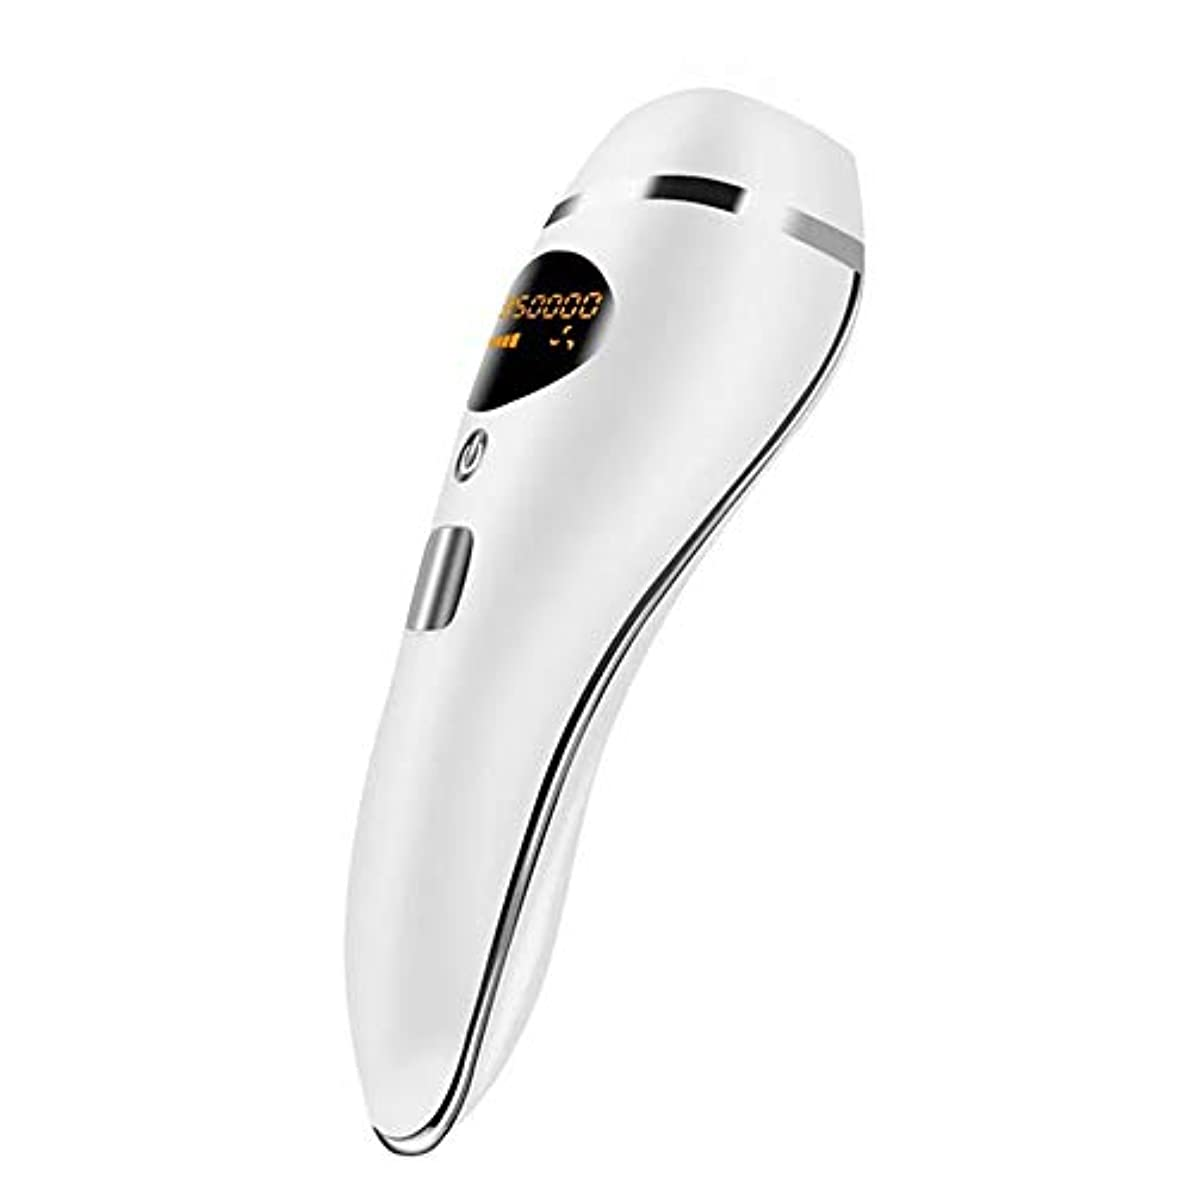 わな限り有限IPL脱毛システムライト脱毛器、600000回の点滅美容デバイスは、長期的な毛の成長を軽減します-5つの強度レベル,白